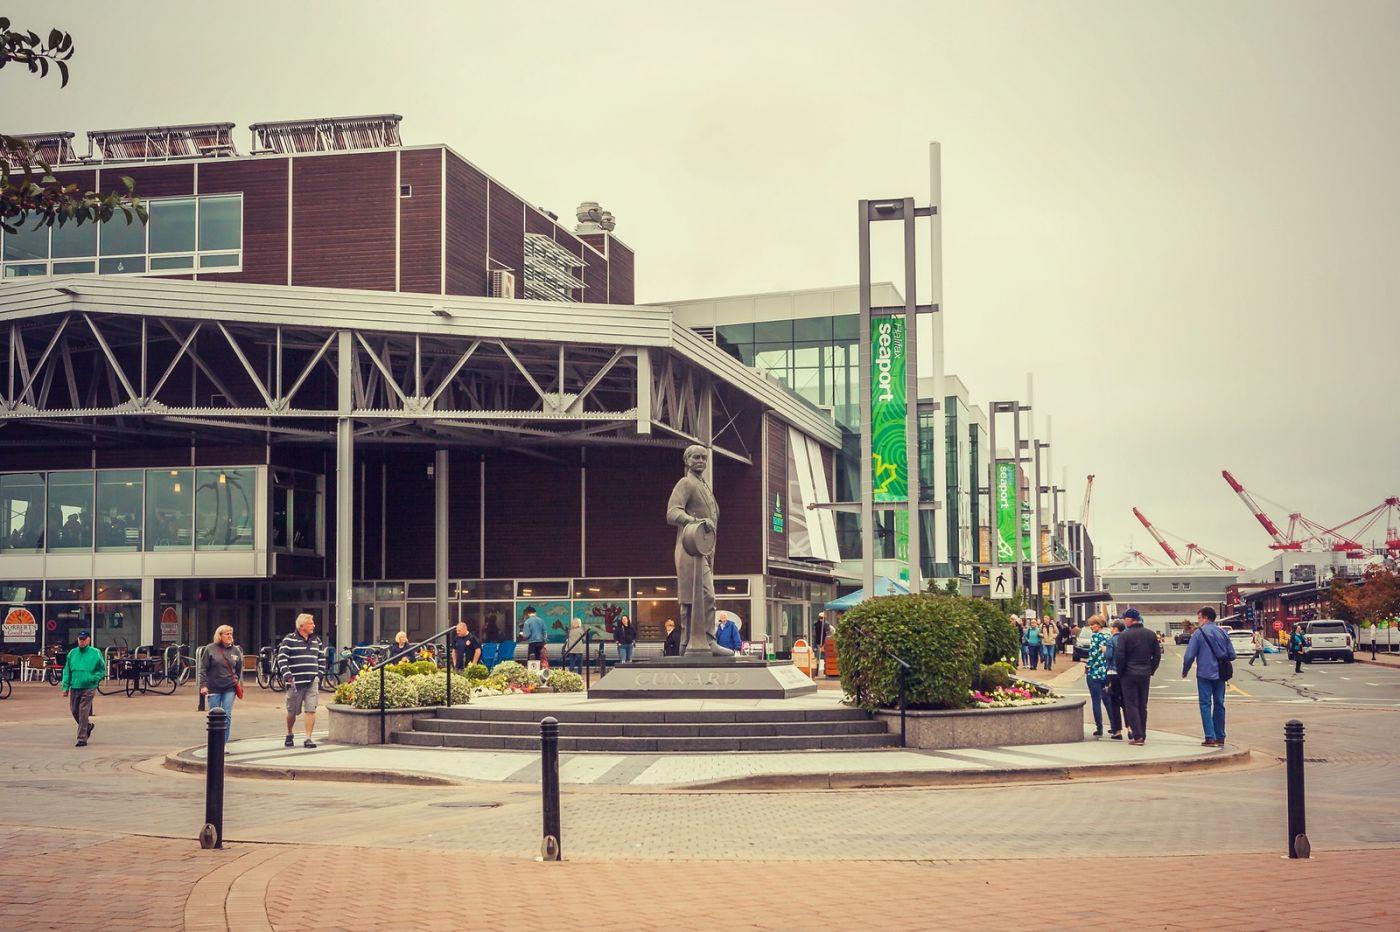 加拿大哈利法克斯(Halifax),很温馨的小城_图1-22